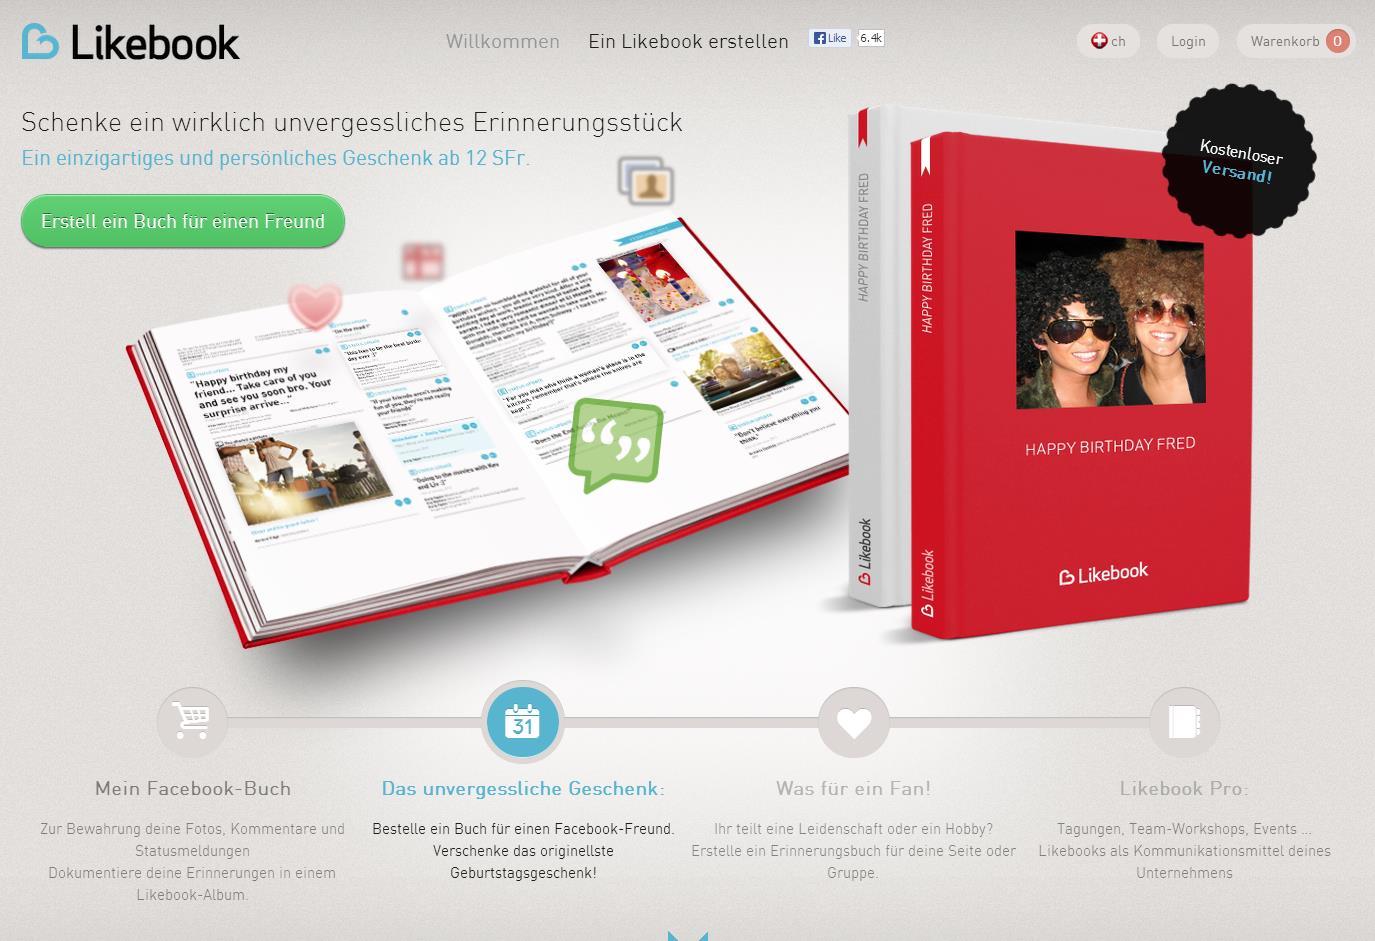 Likebook - mein Leben in einem Buch